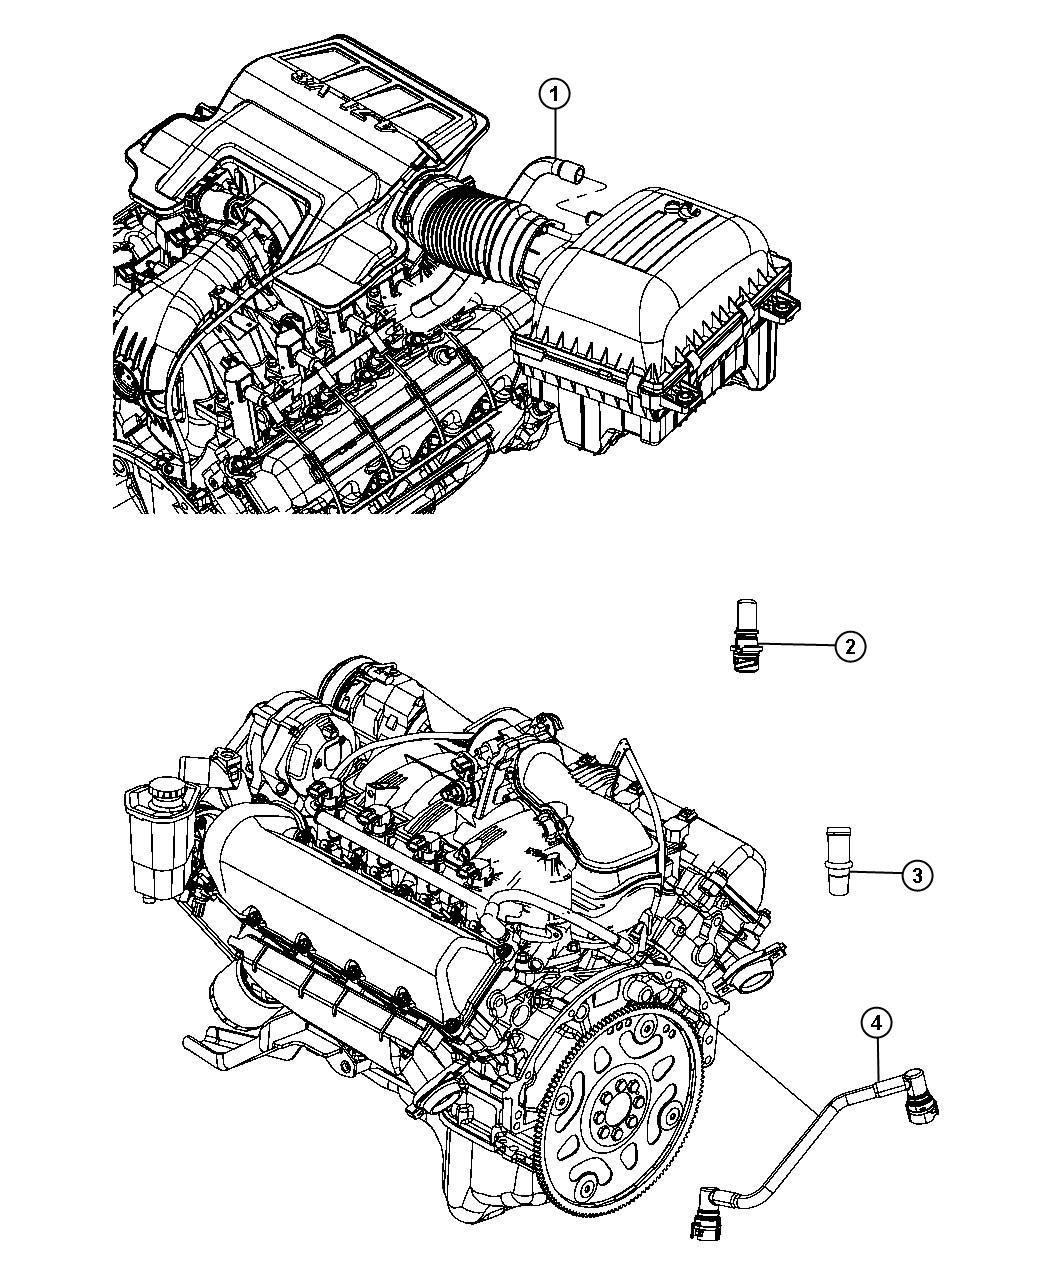 2013 Dodge Ram 1500 Valve. Pcv. Crew cab. Suggested